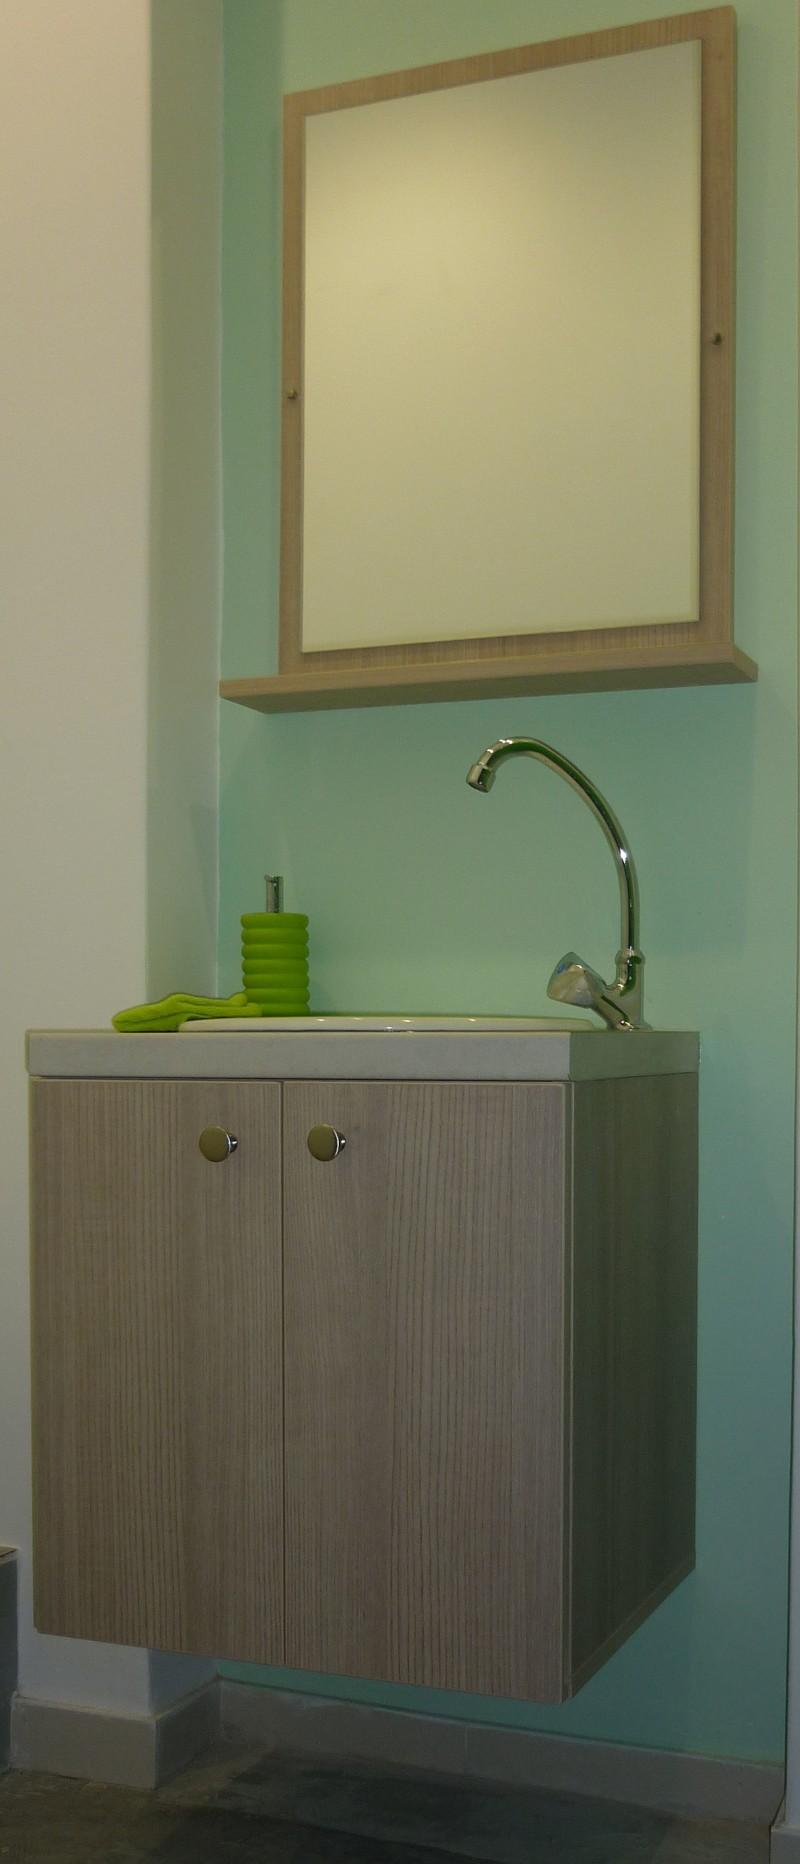 εντοιχιζόμενη βάση νιπτήρα διπλά ντουλάπια με ασορτί καθρέπτη